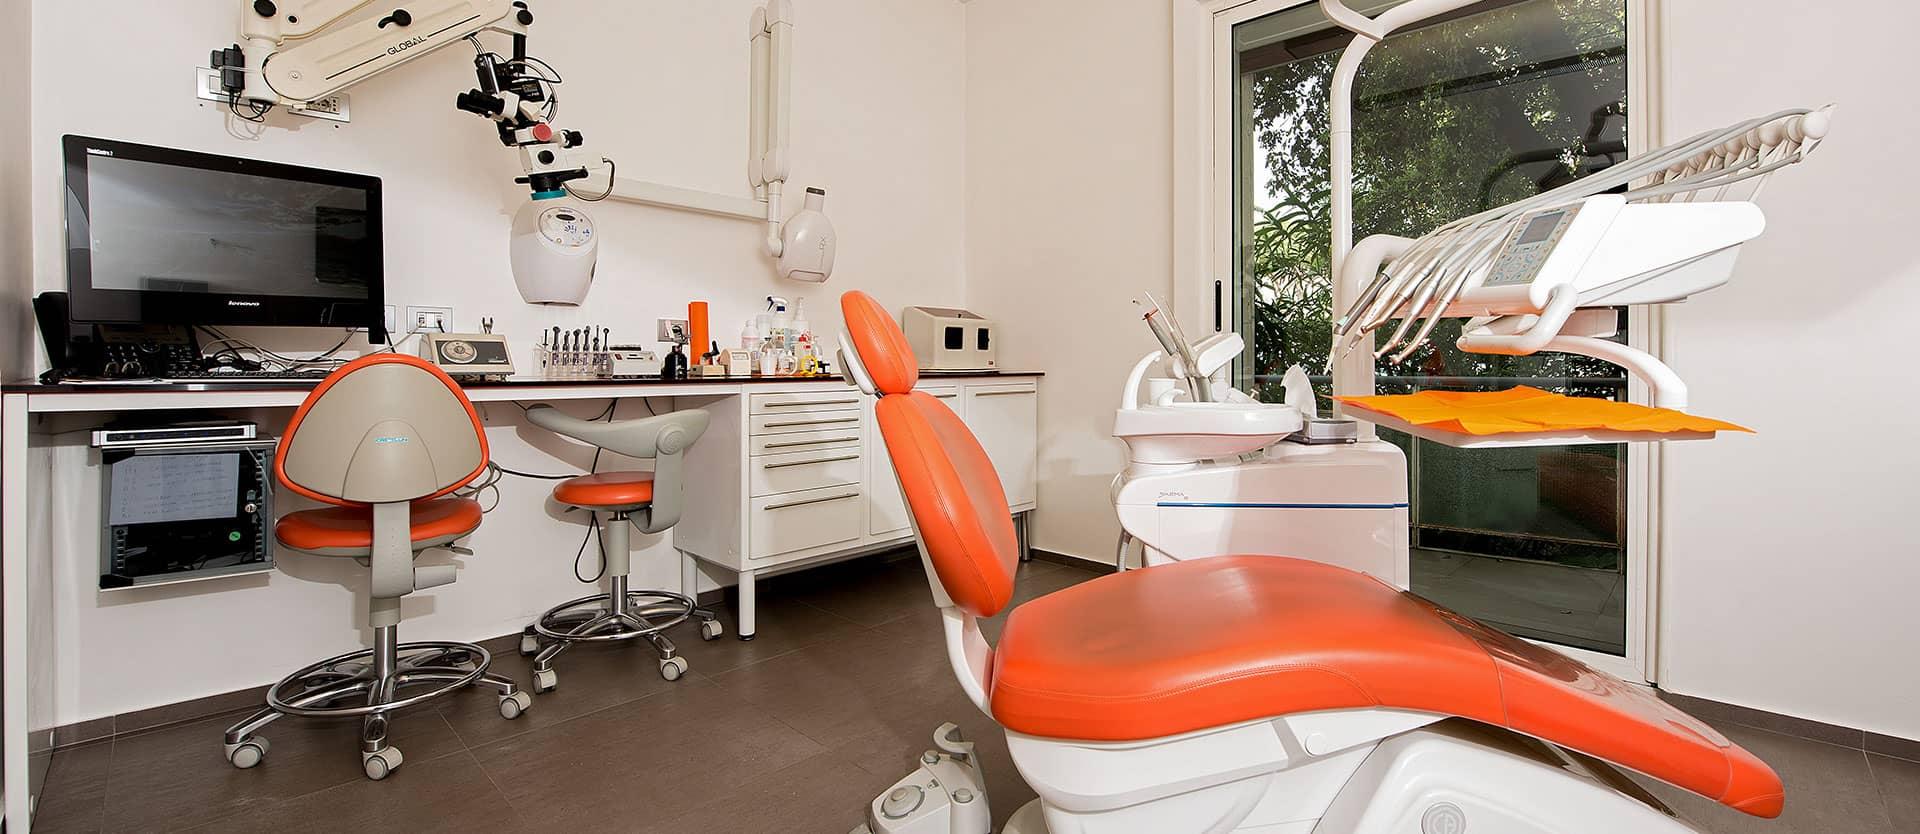 Servizi Odontoiatrici Malagnino